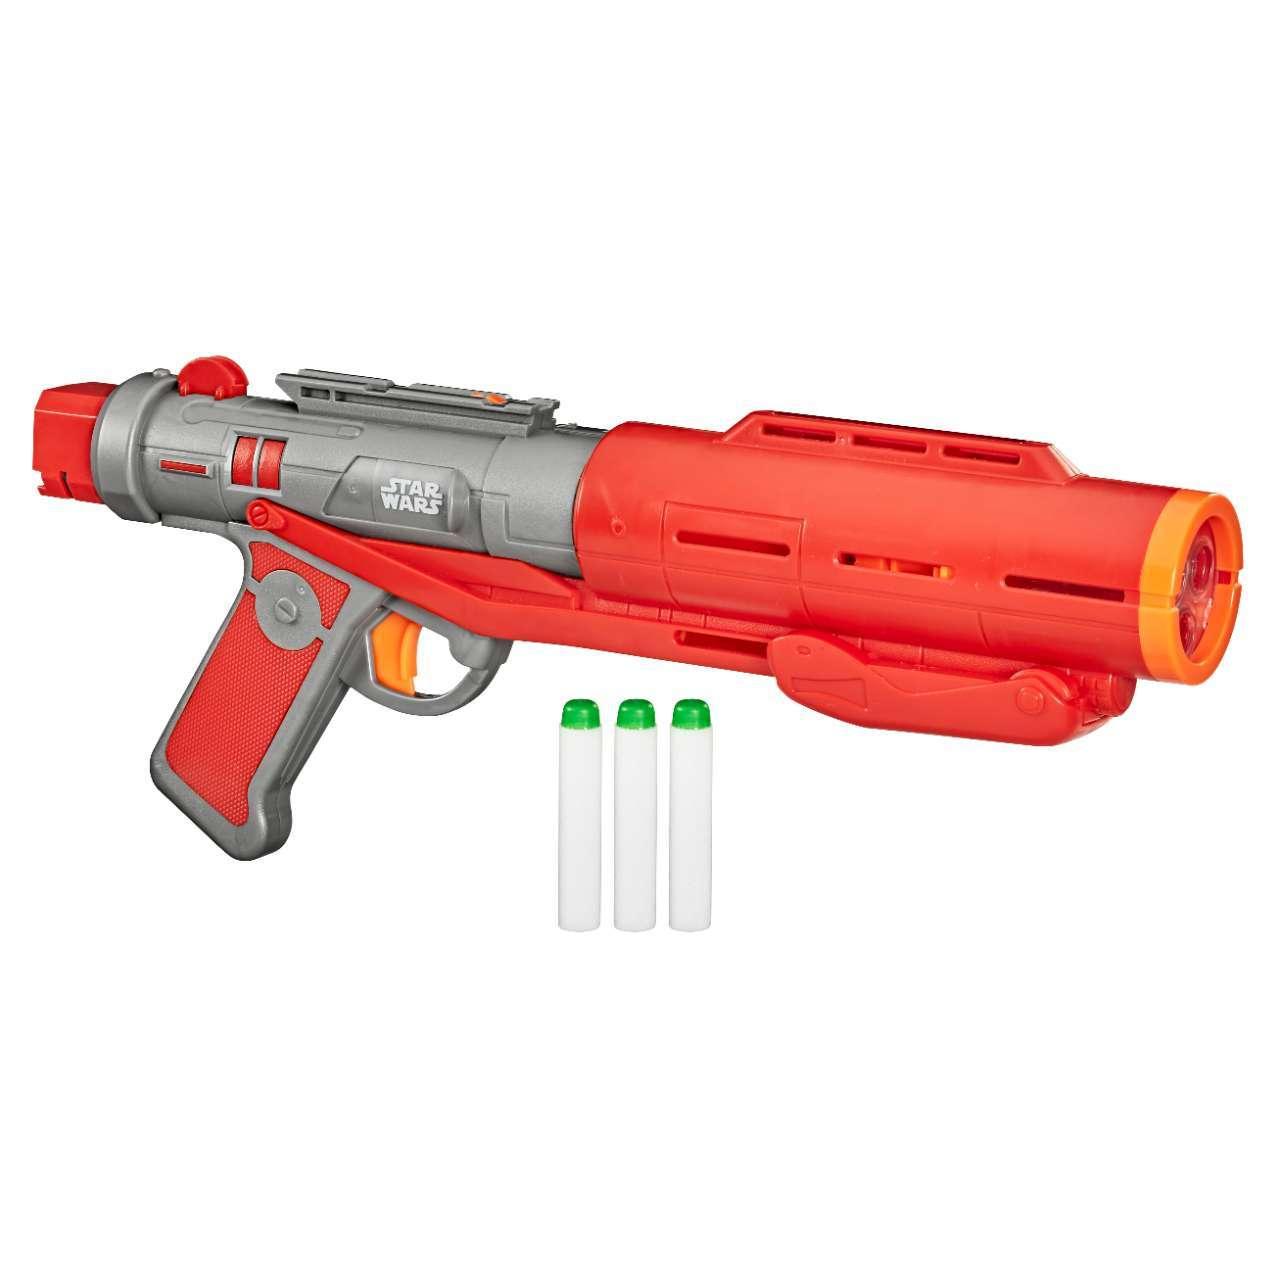 NERF STAR WARS IMPERIAL DEATH TROOPER Blaster - oop